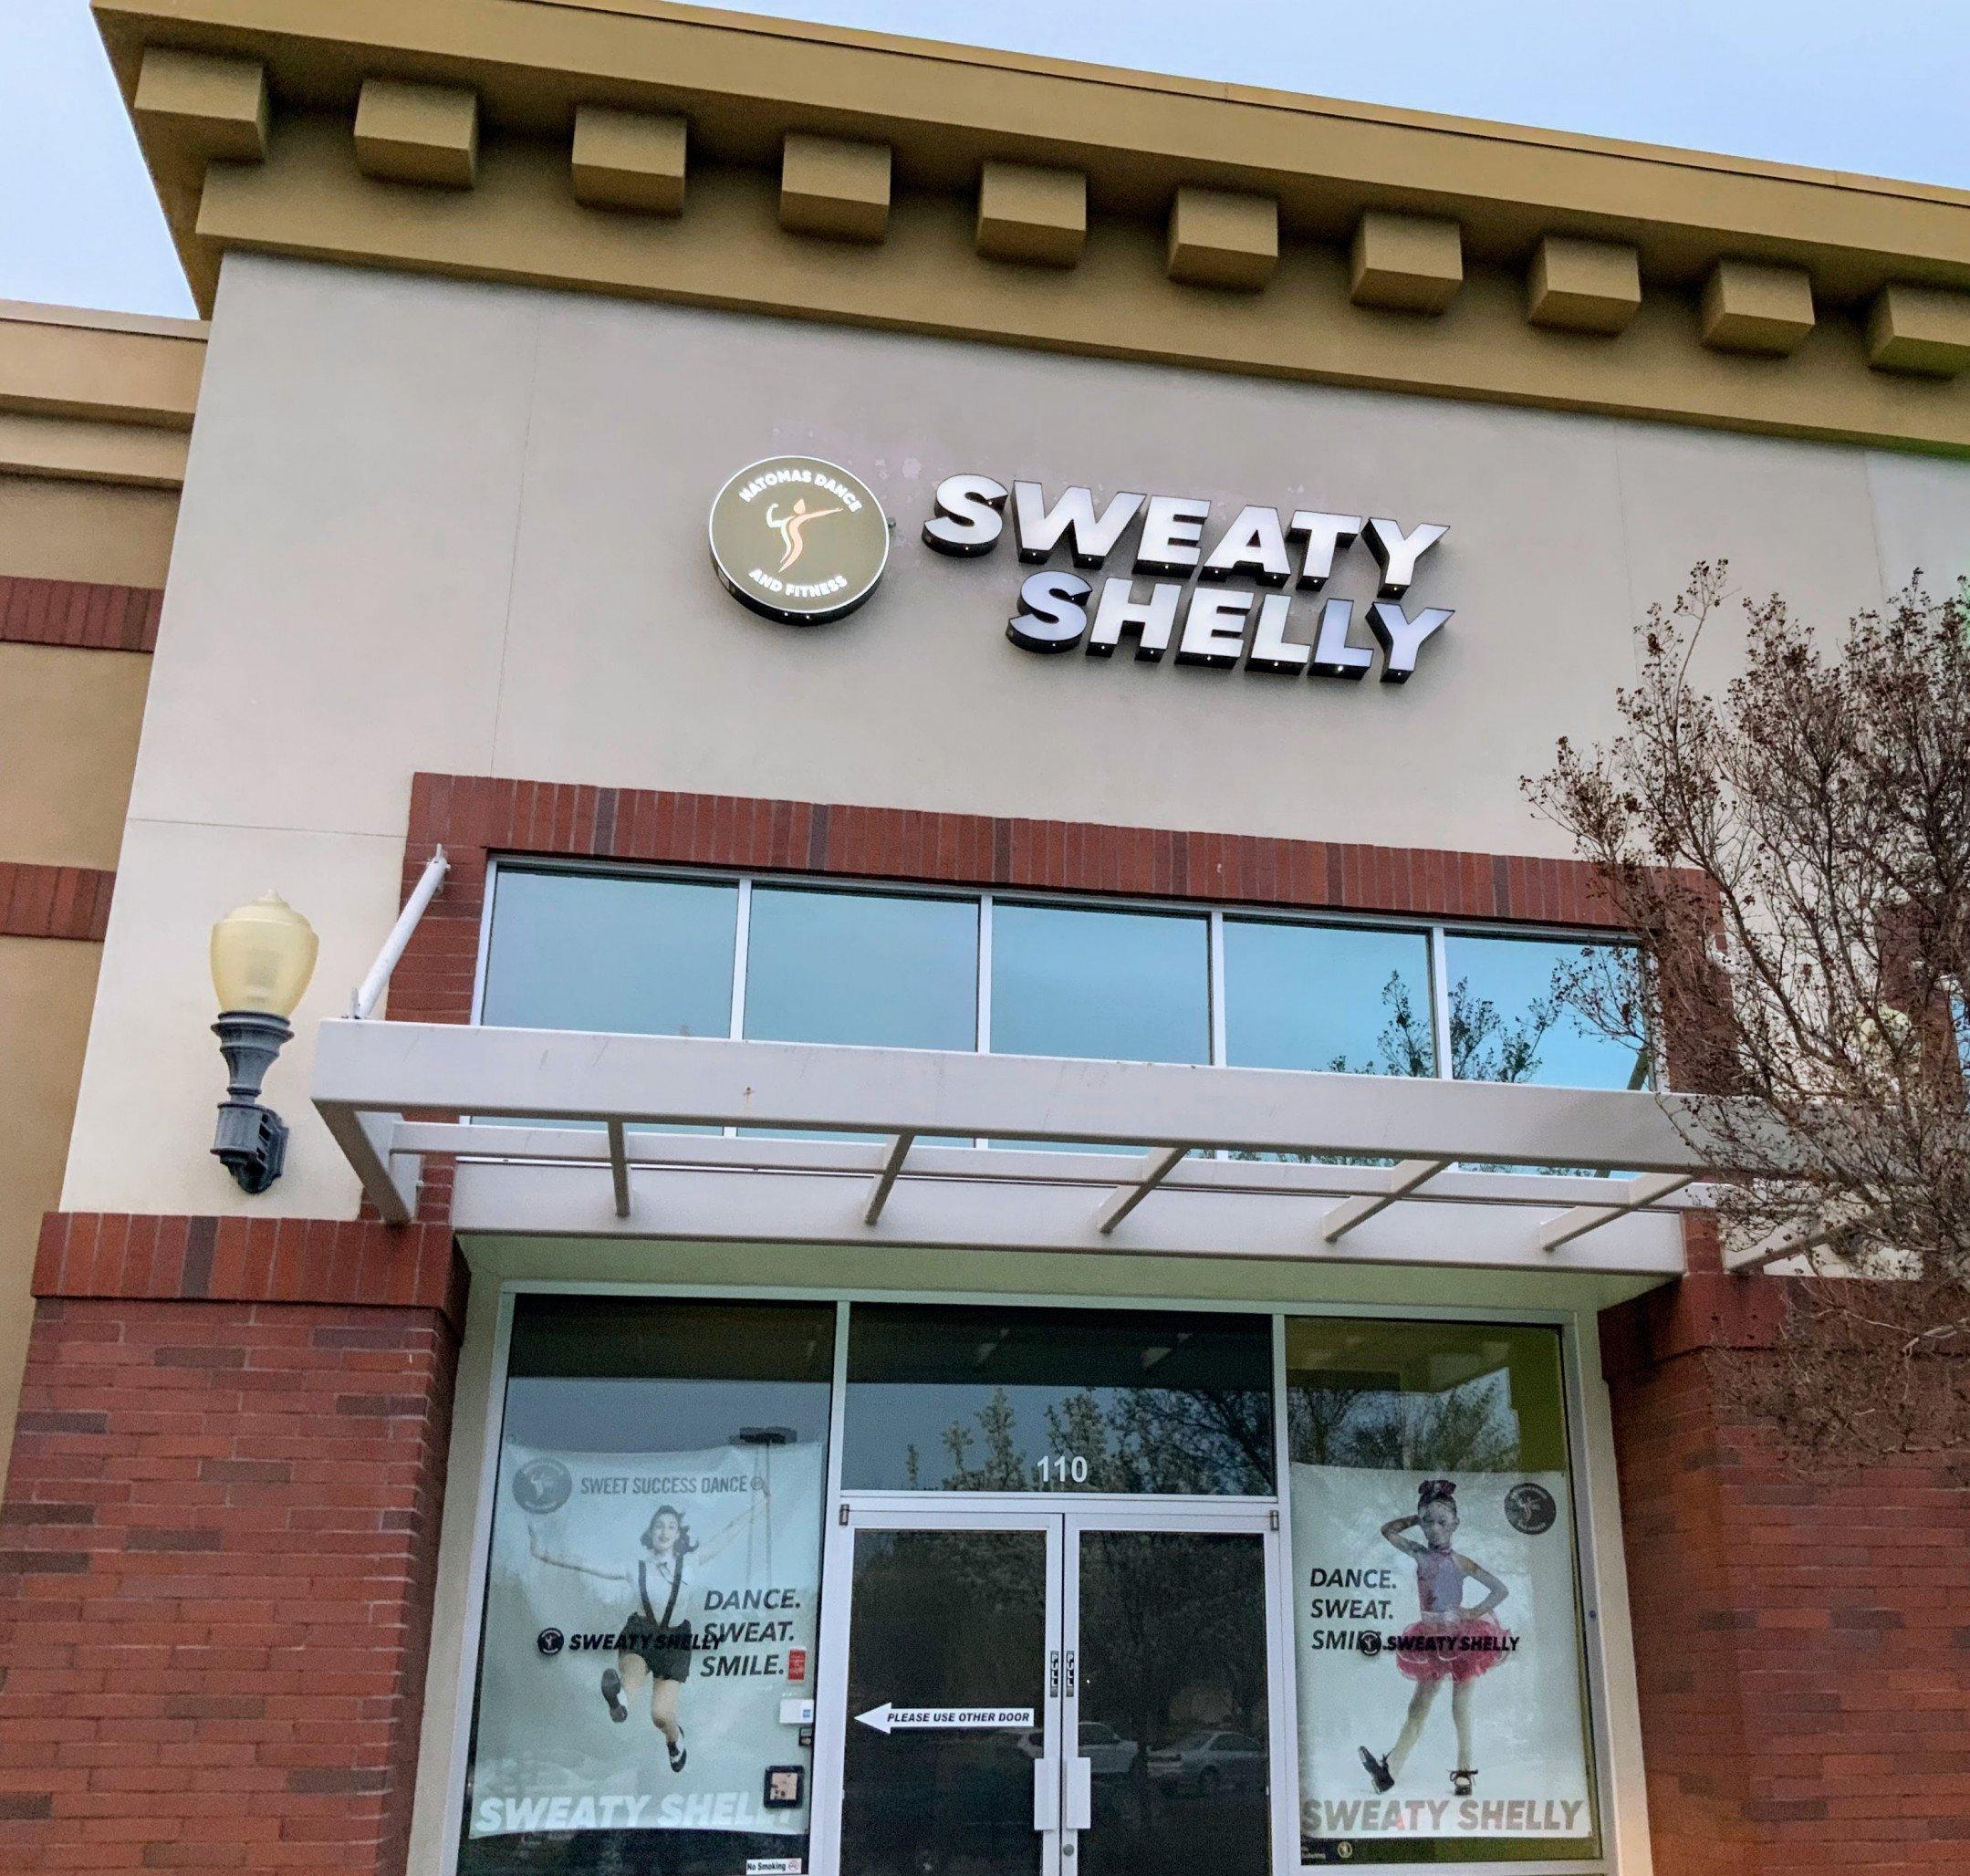 Sweaty Shelly